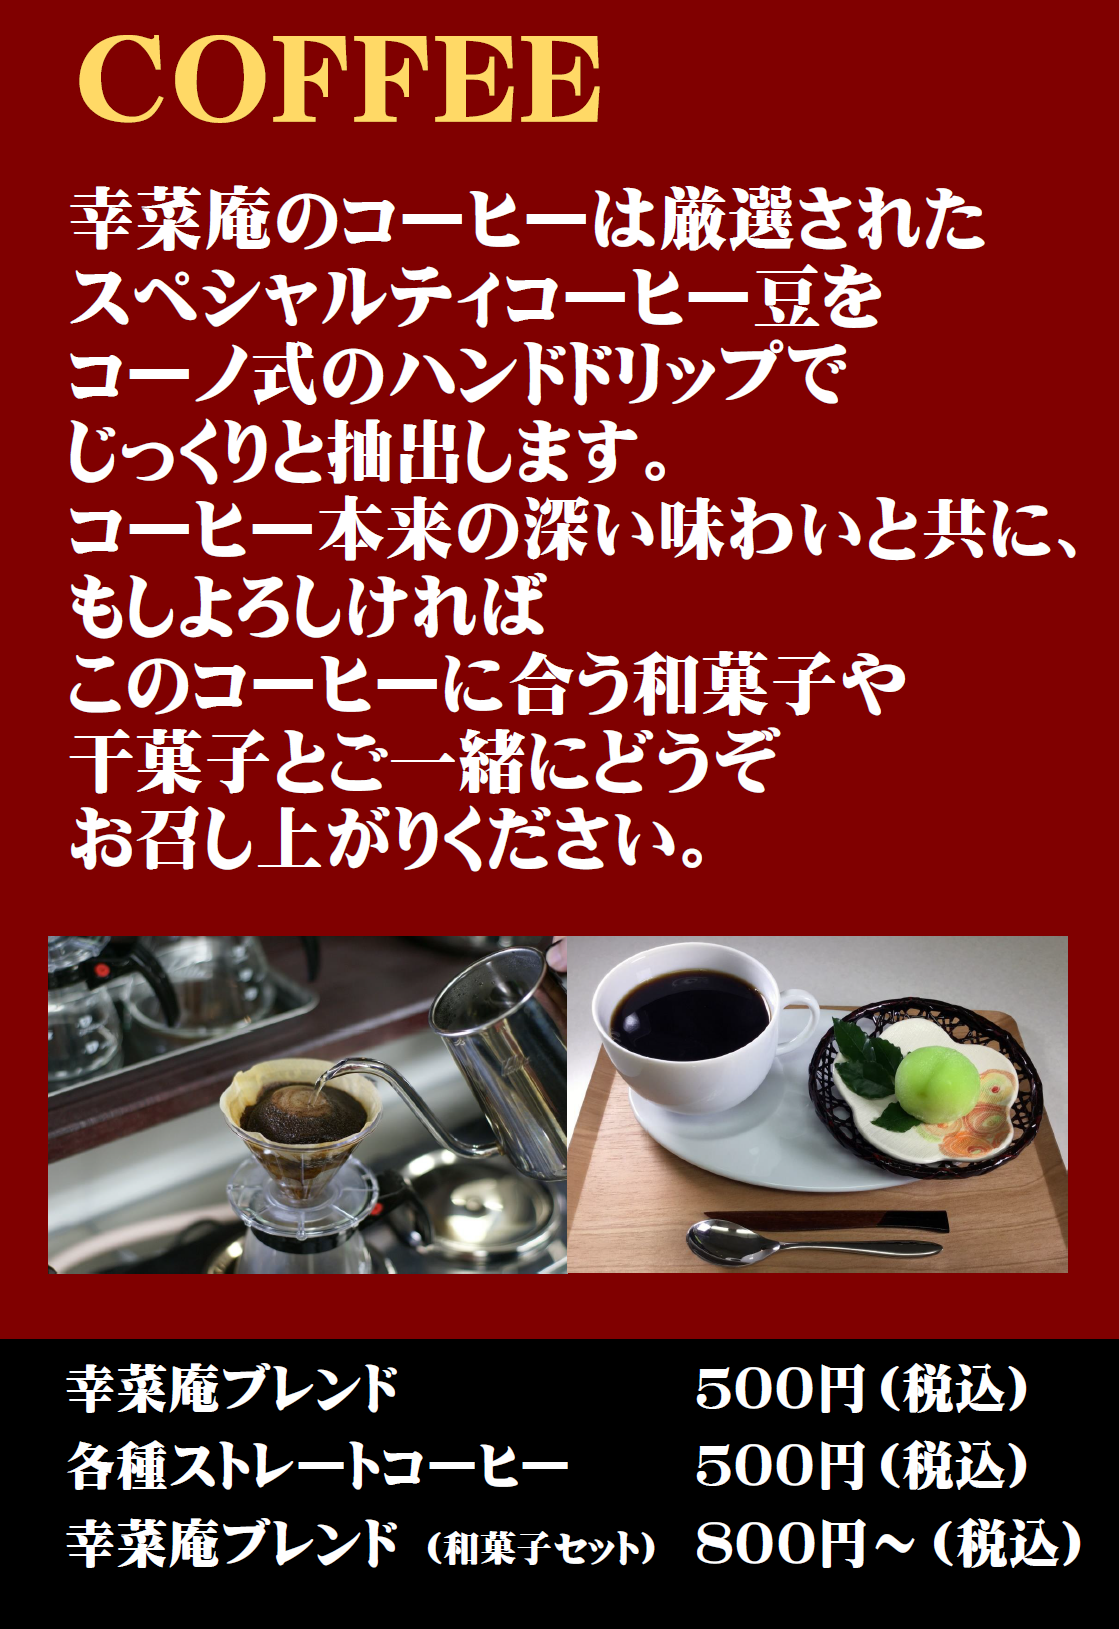 カフェパネル1